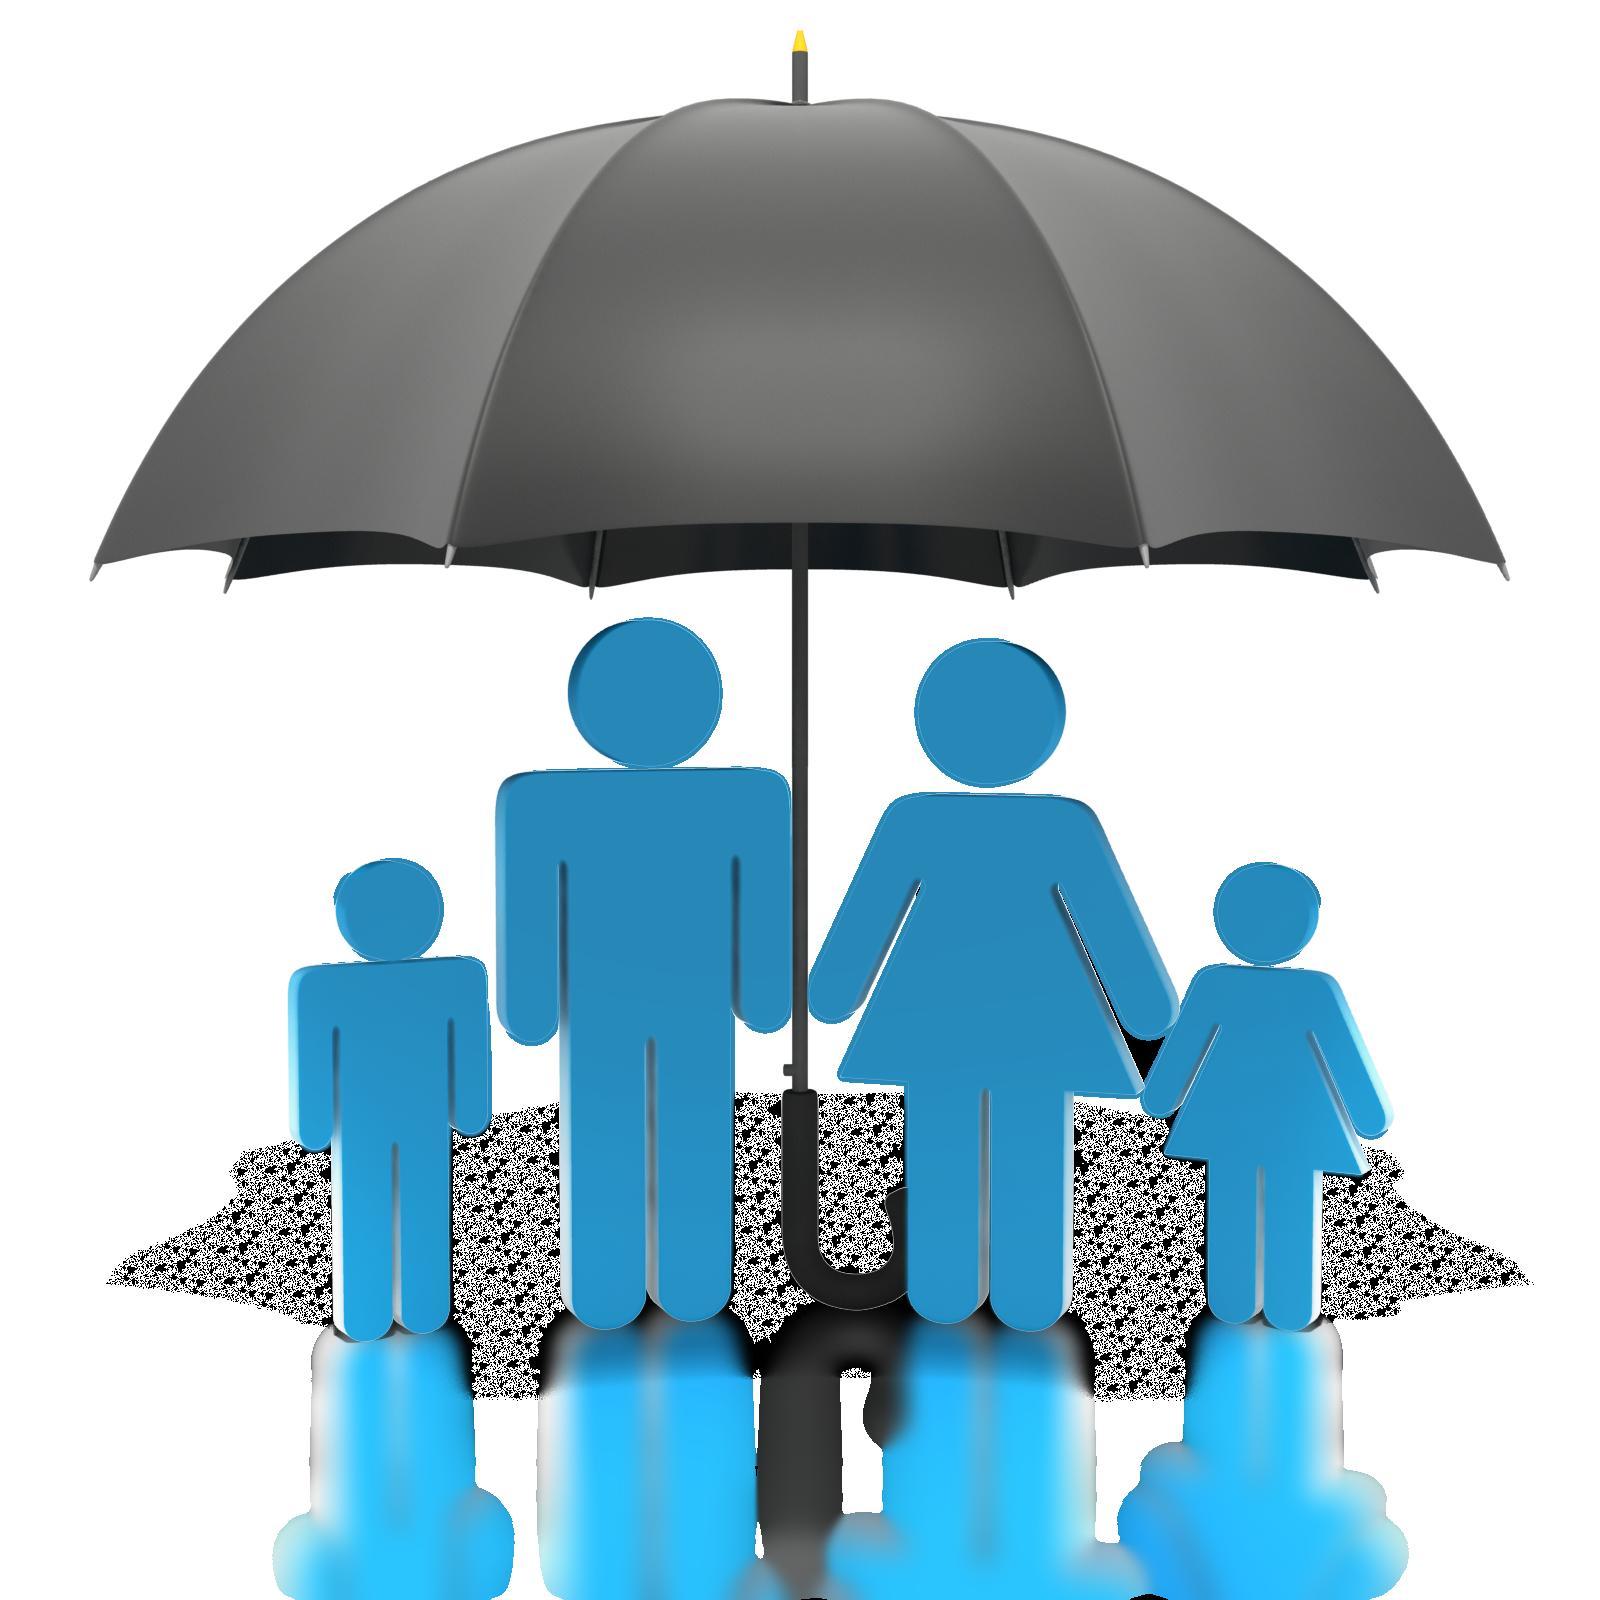 توزیع اعتبار ۱۲ میلیارد ریالی به ارائه دهندگان خدمت/ ابلاغ دستور العمل بیمه اجباری افراد جامعه